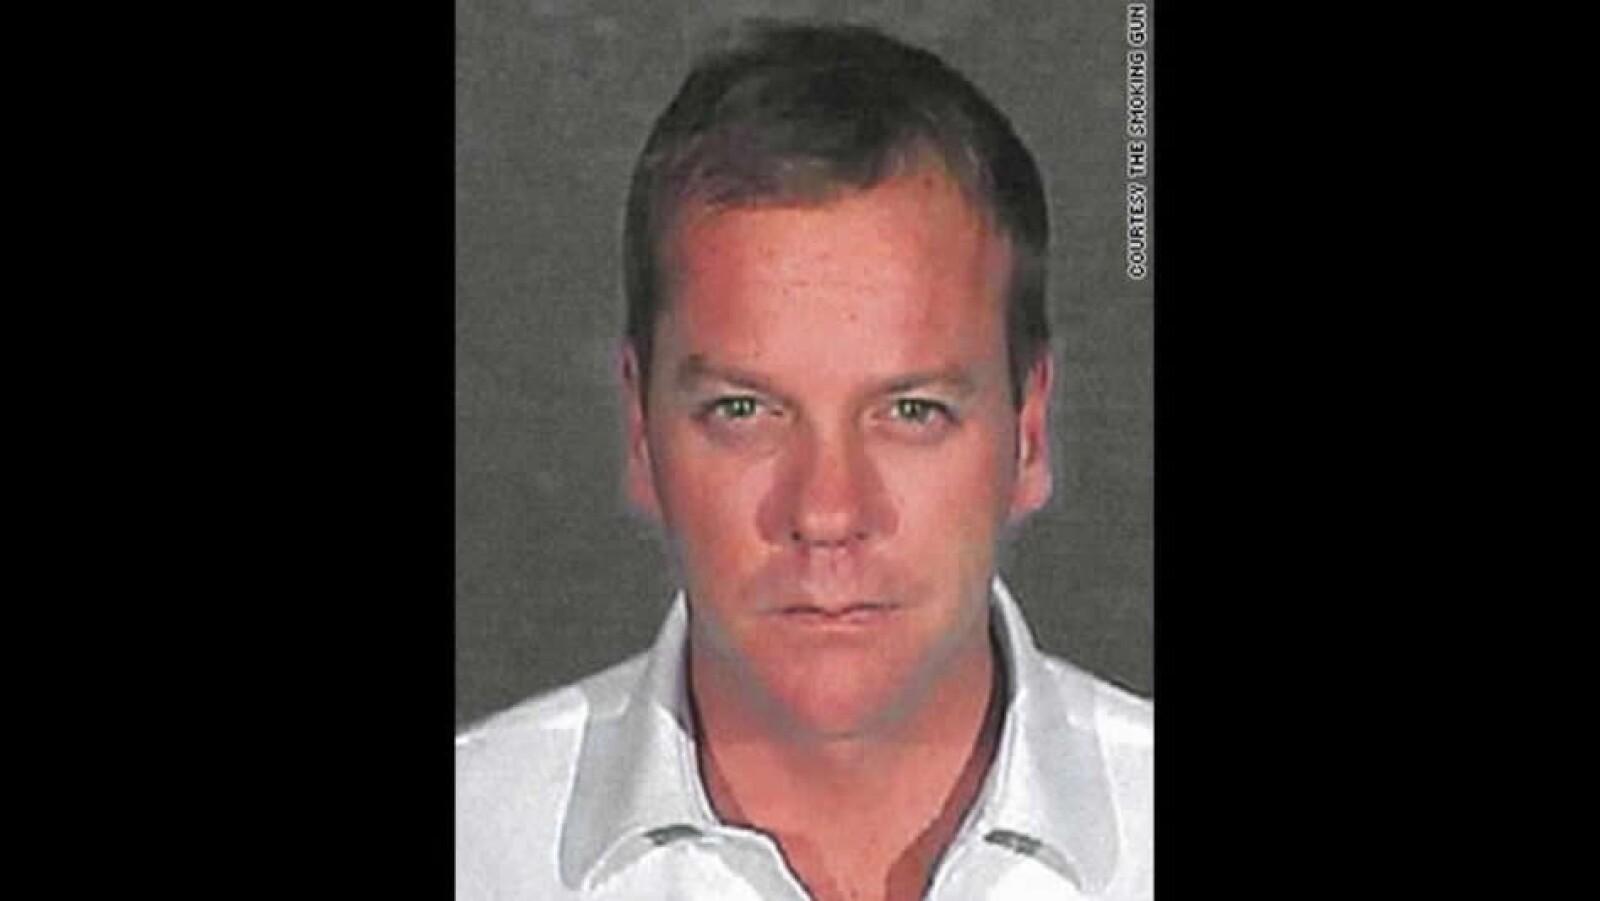 En 2007, Kiefer Sutherland  posó para la foto de arresto